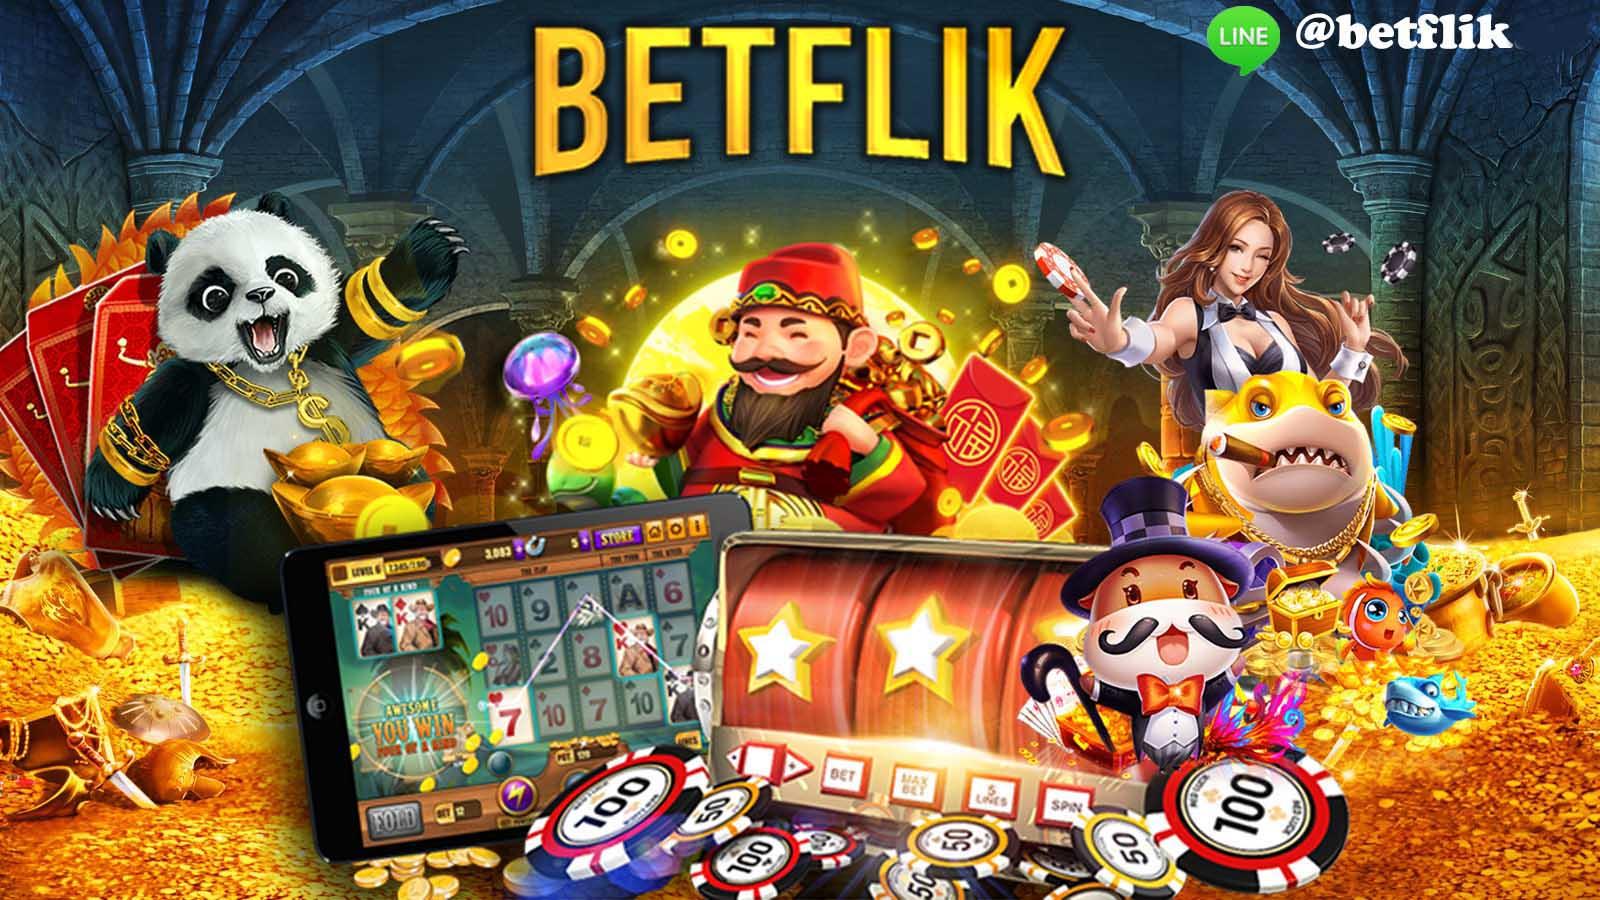 เพราะอะไร Betflik สล็อตบนมือถือถึงเป็นเกมที่ดีที่สุด